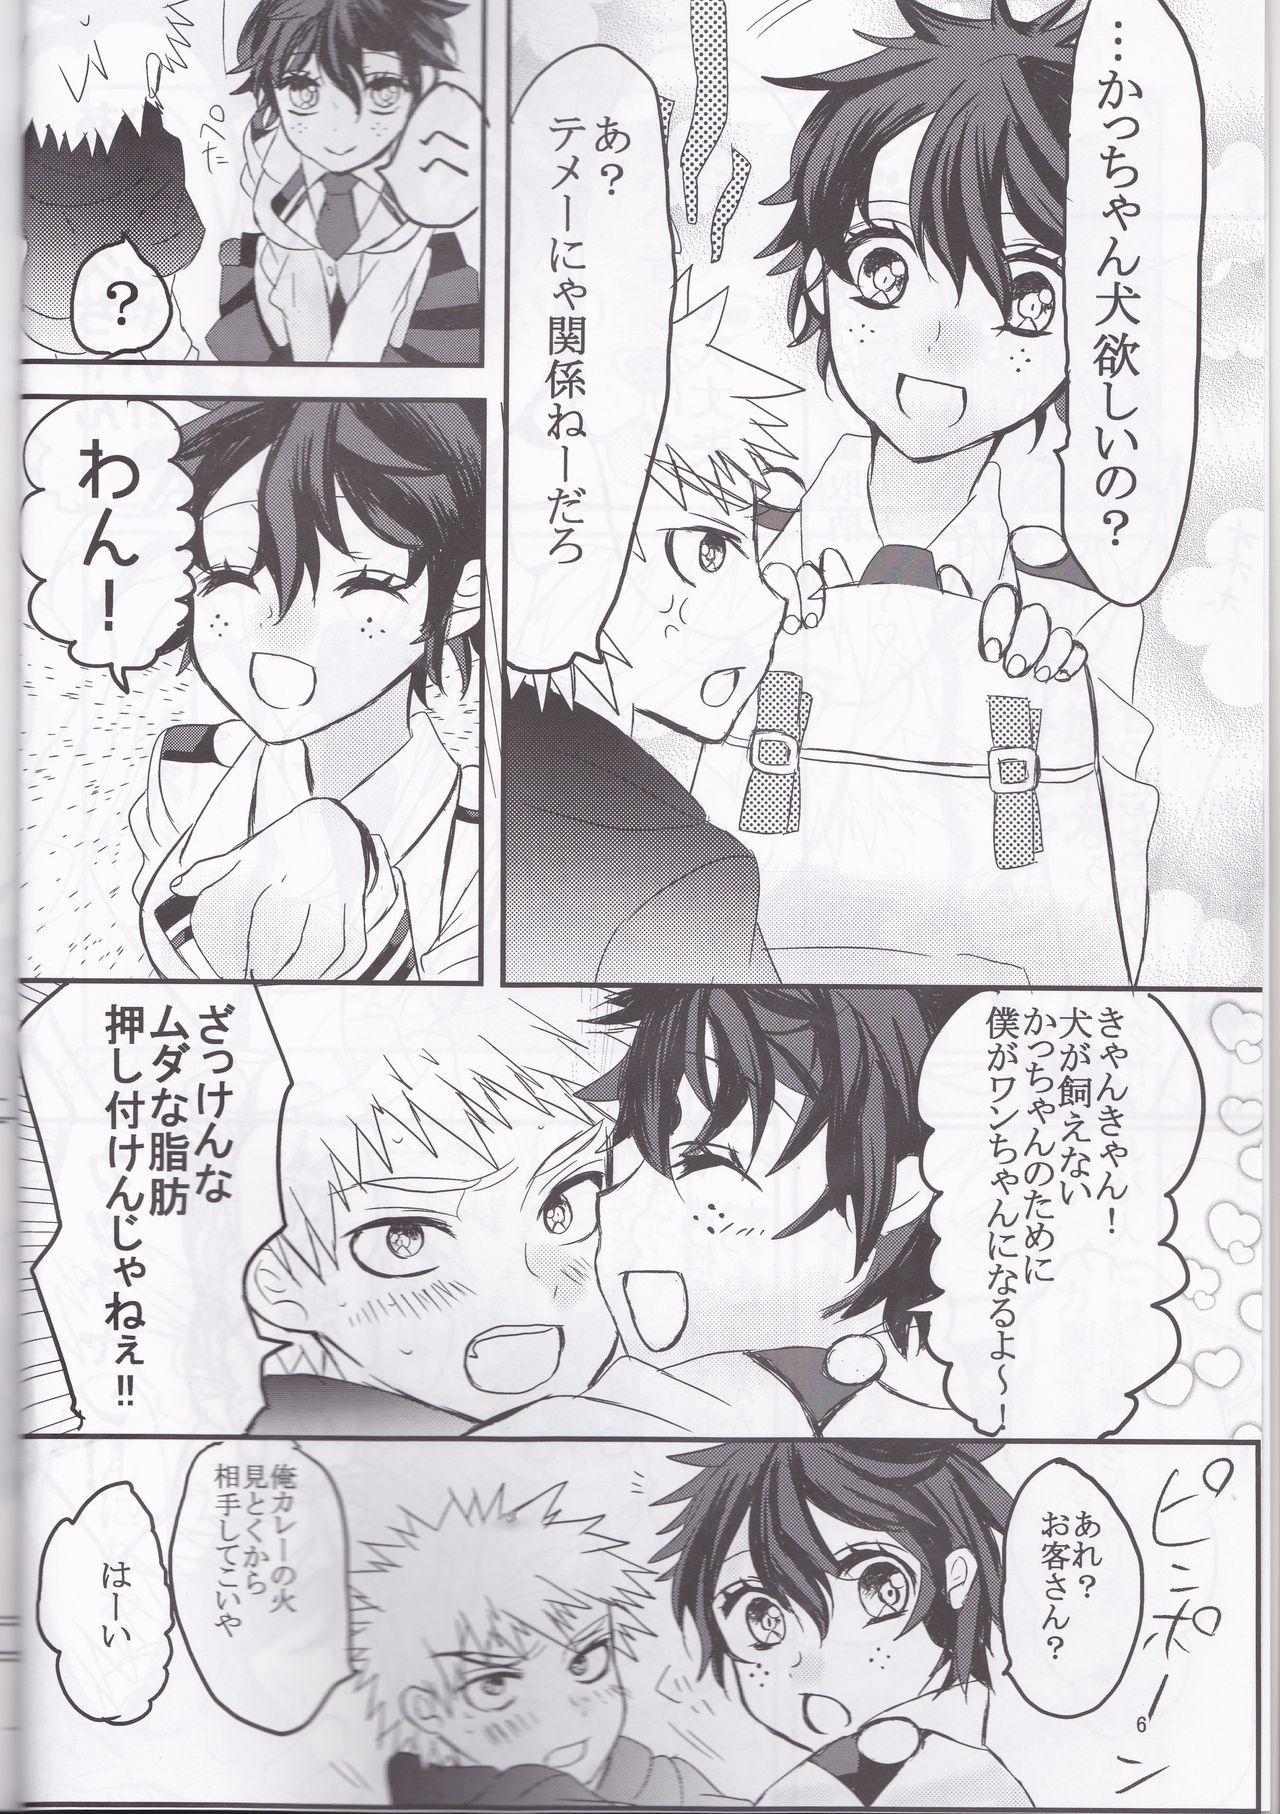 Yozakura Sanpomichi (Boku no Hero Academia] 5